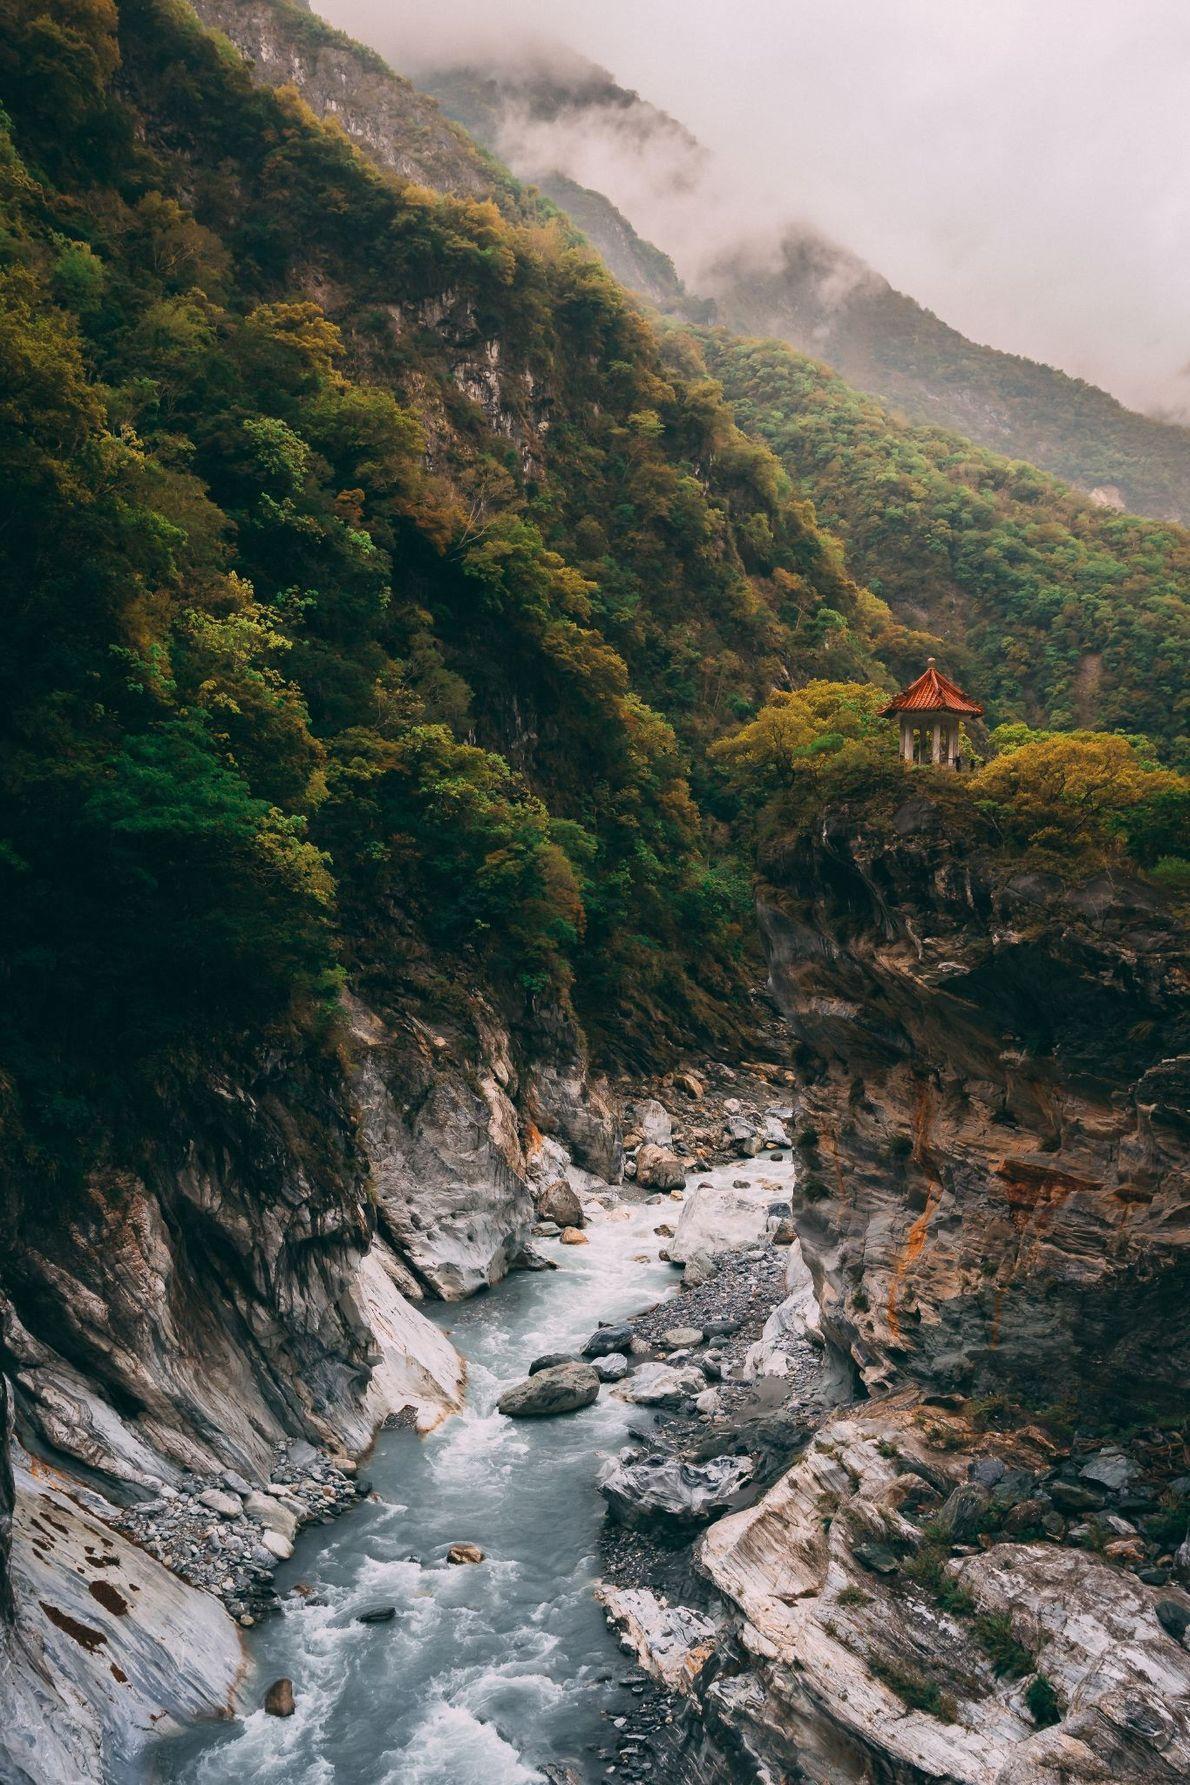 PARQUE NACIONAL DE TAROKO, TAIWAN